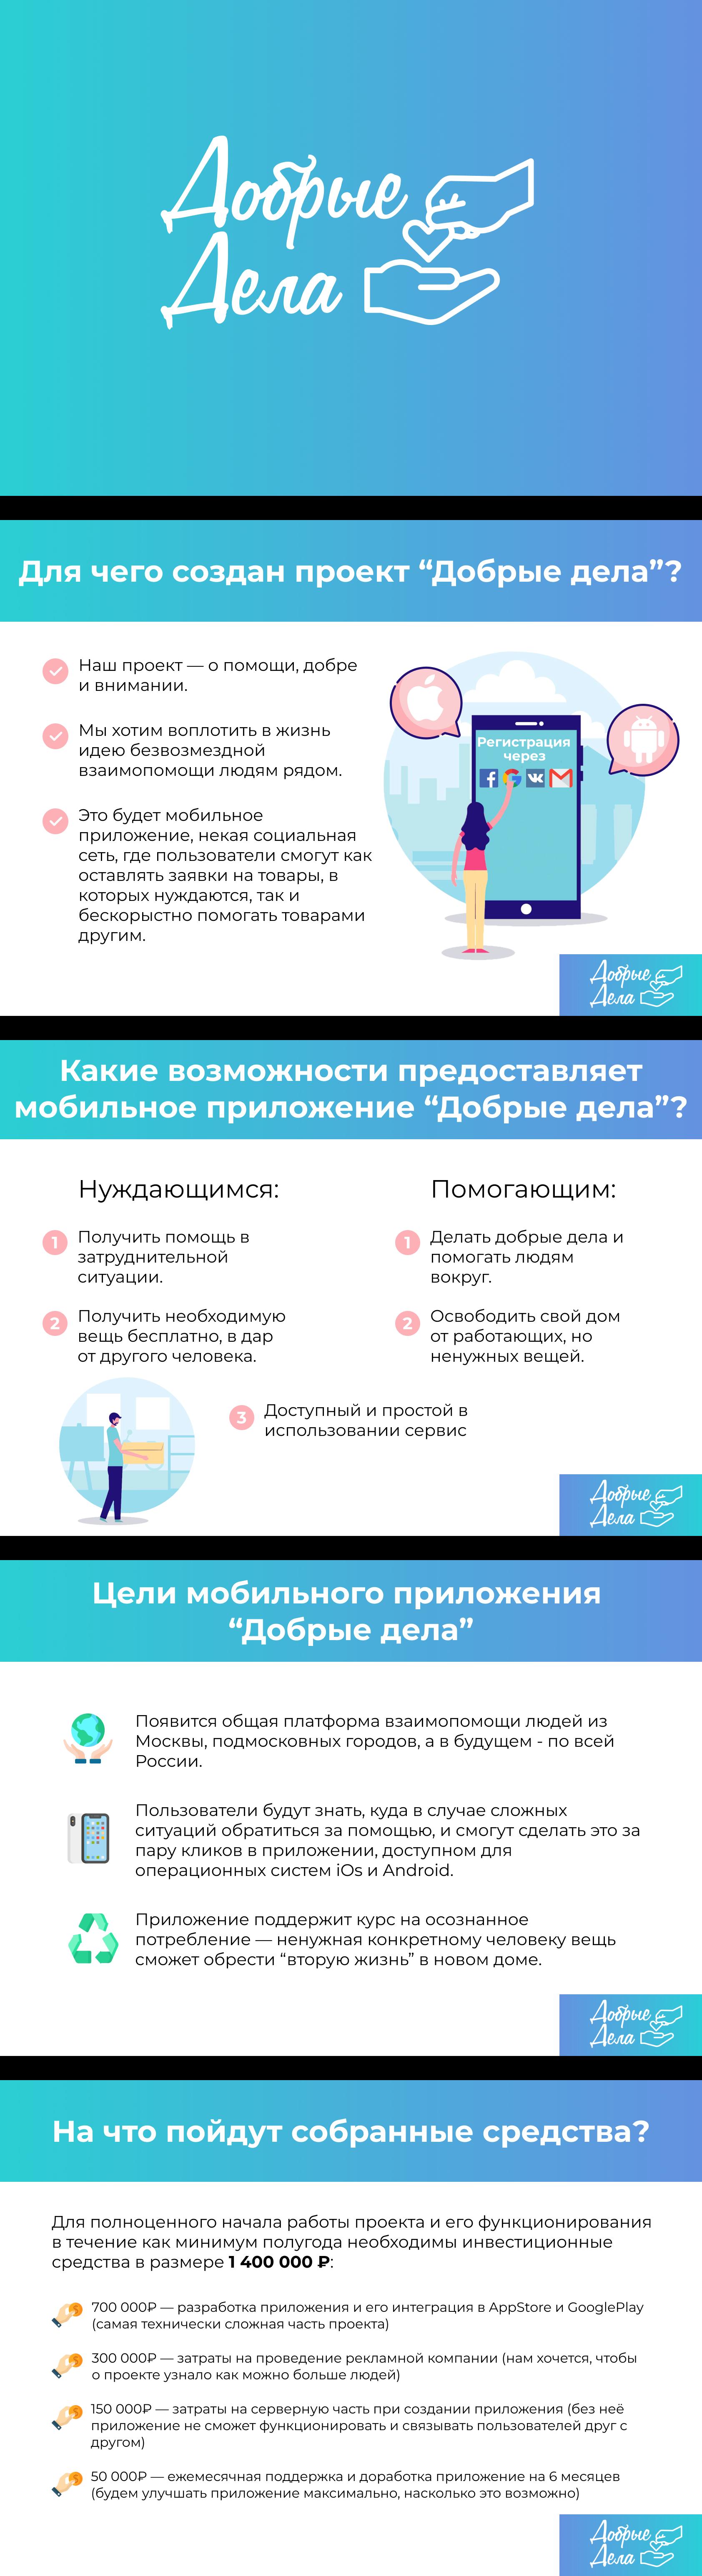 """Презентация для мобильного приложения """"Добрые дела"""""""